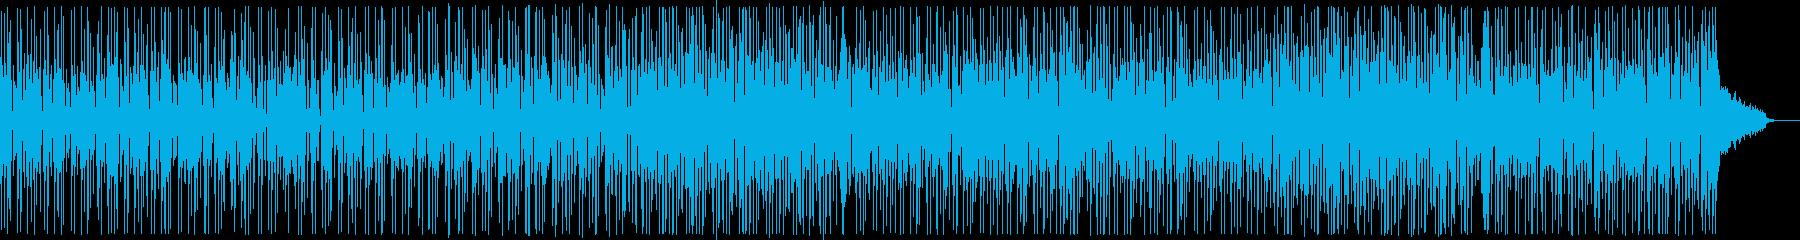 コミカルなファンキーオルガン:フルx1の再生済みの波形